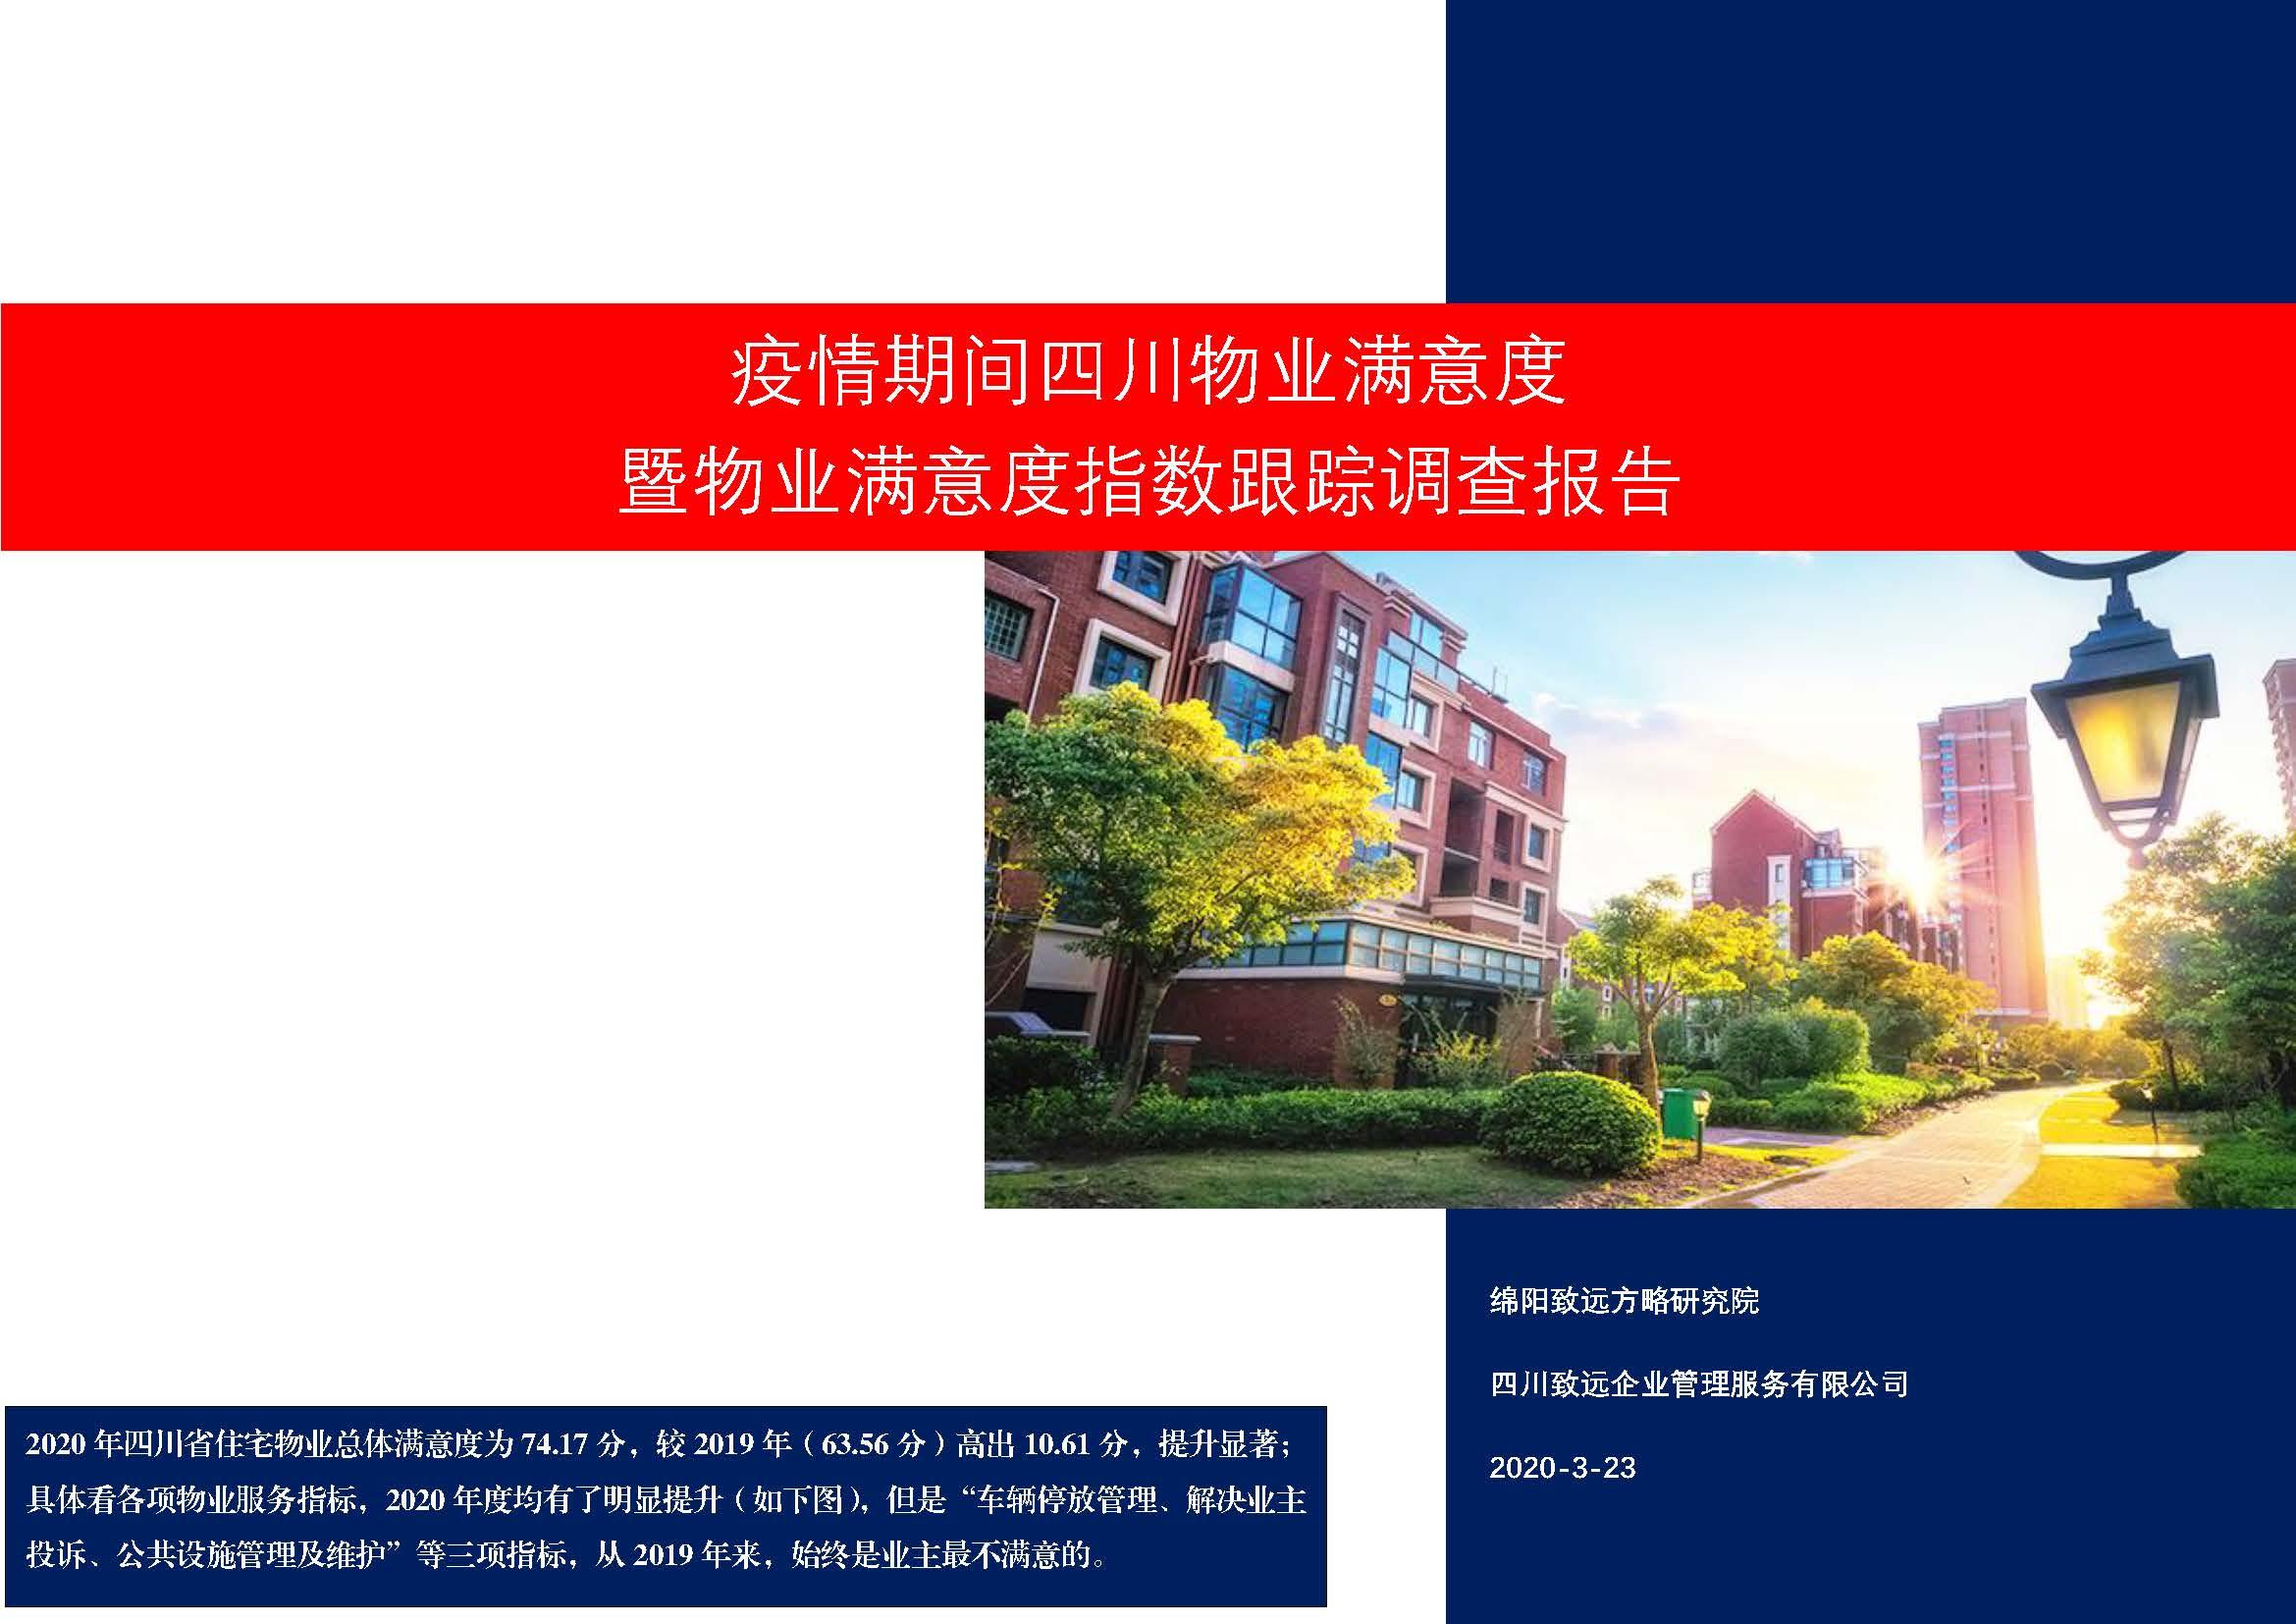 新建文件夹-2020疫情期间四川物业满意度暨物业满意度指数跟踪调查报告_页面_1